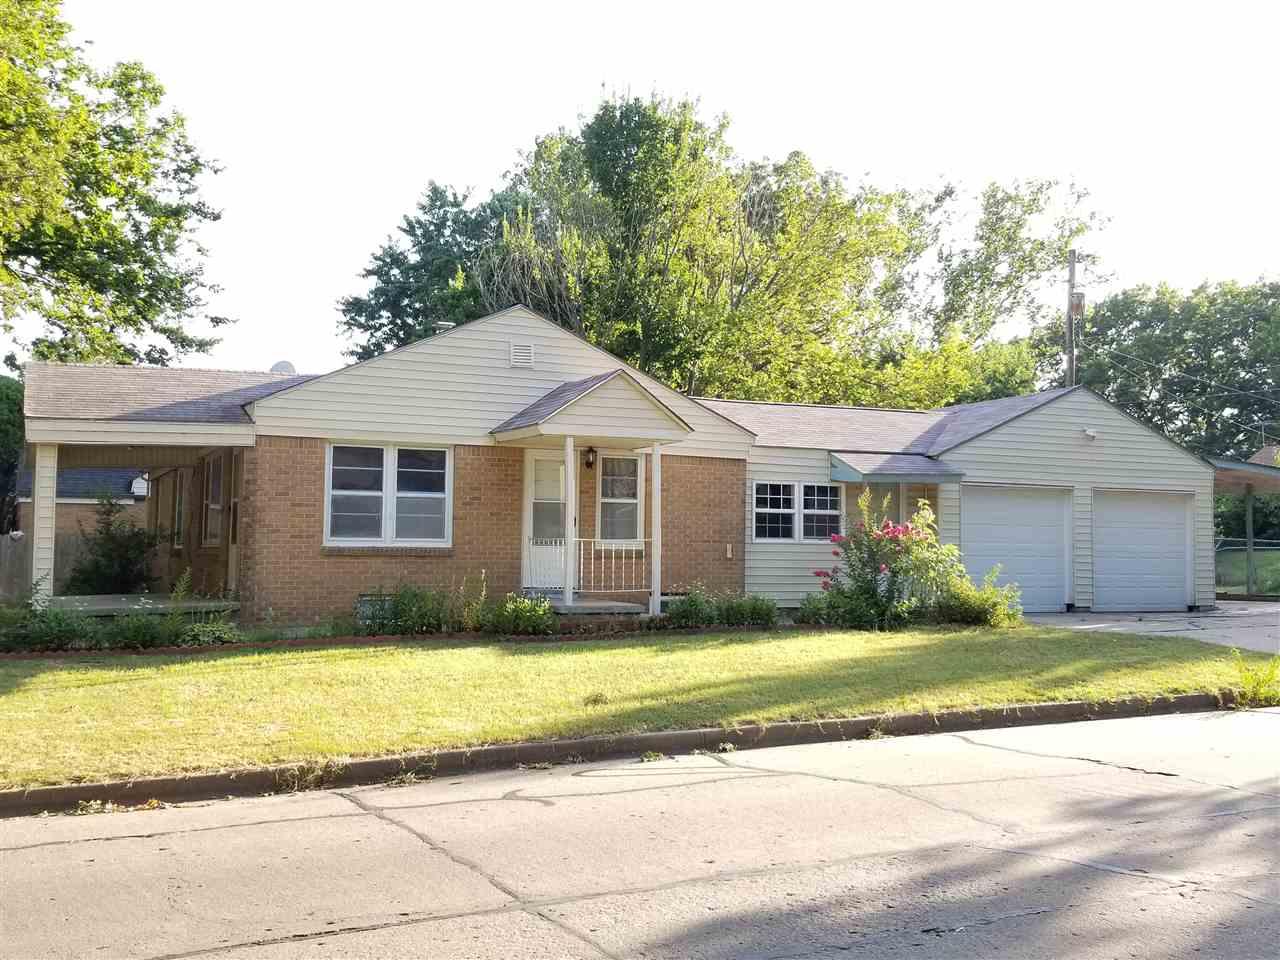 2131 S Pinecrest Ave, Wichita, KS 67218